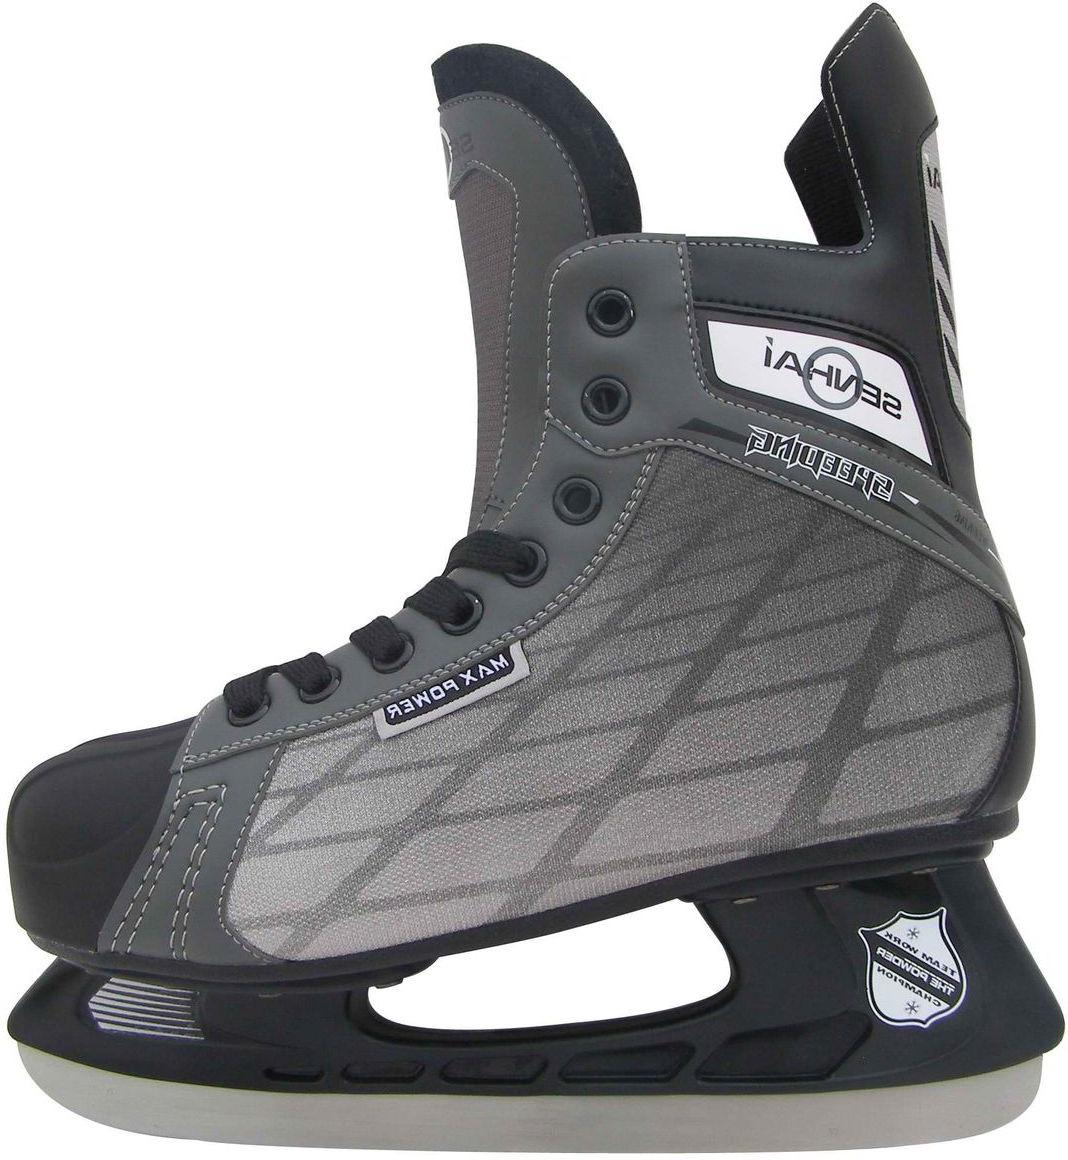 Коньки хоккейные Action коньки хоккейные мужские bauer supreme s150 цвет черный 1048623 размер 47